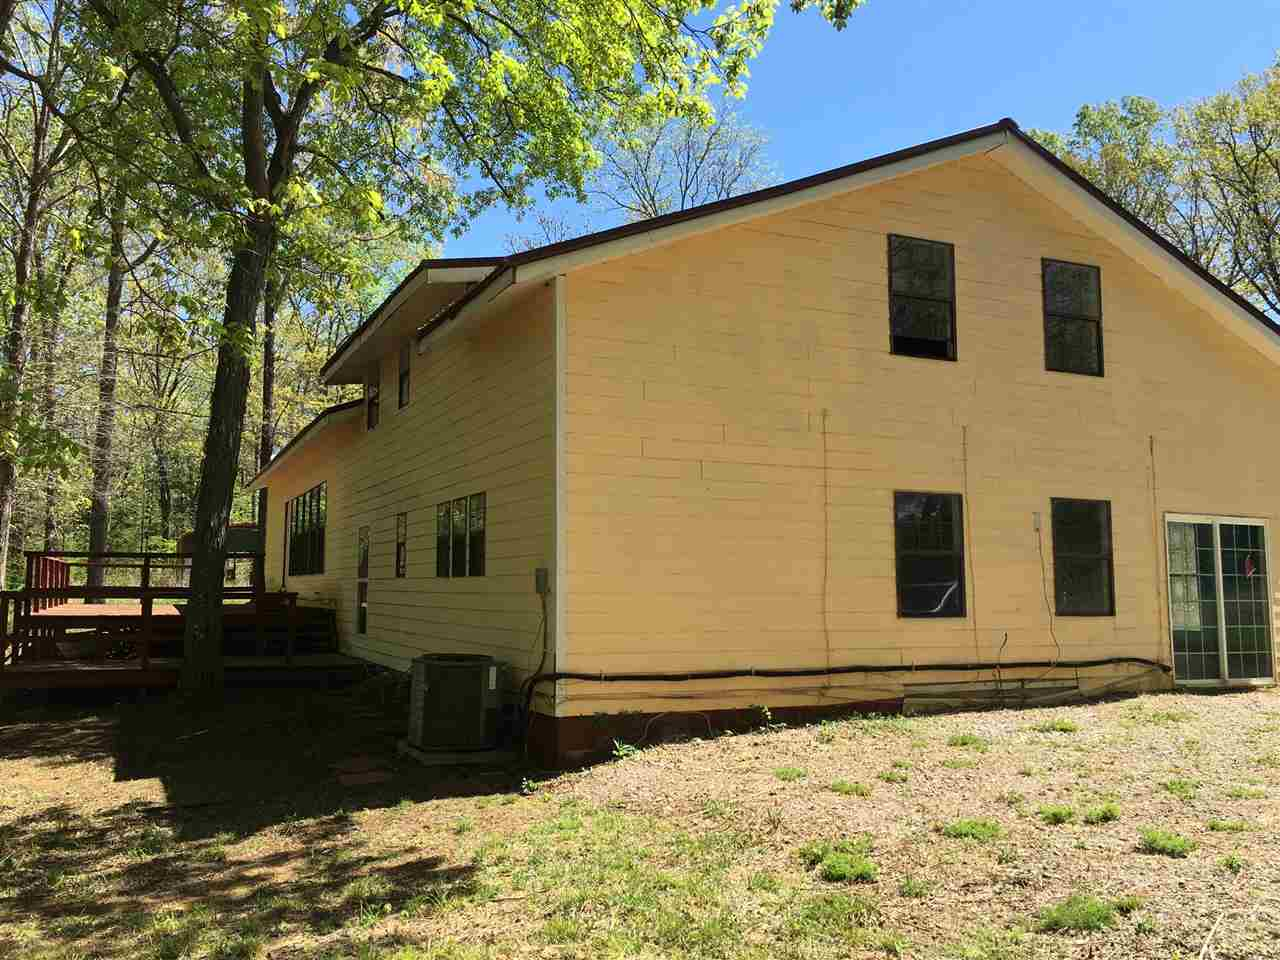 1785 Sycamore Morris Chapel, TN 38361 - MLS #: 10010770